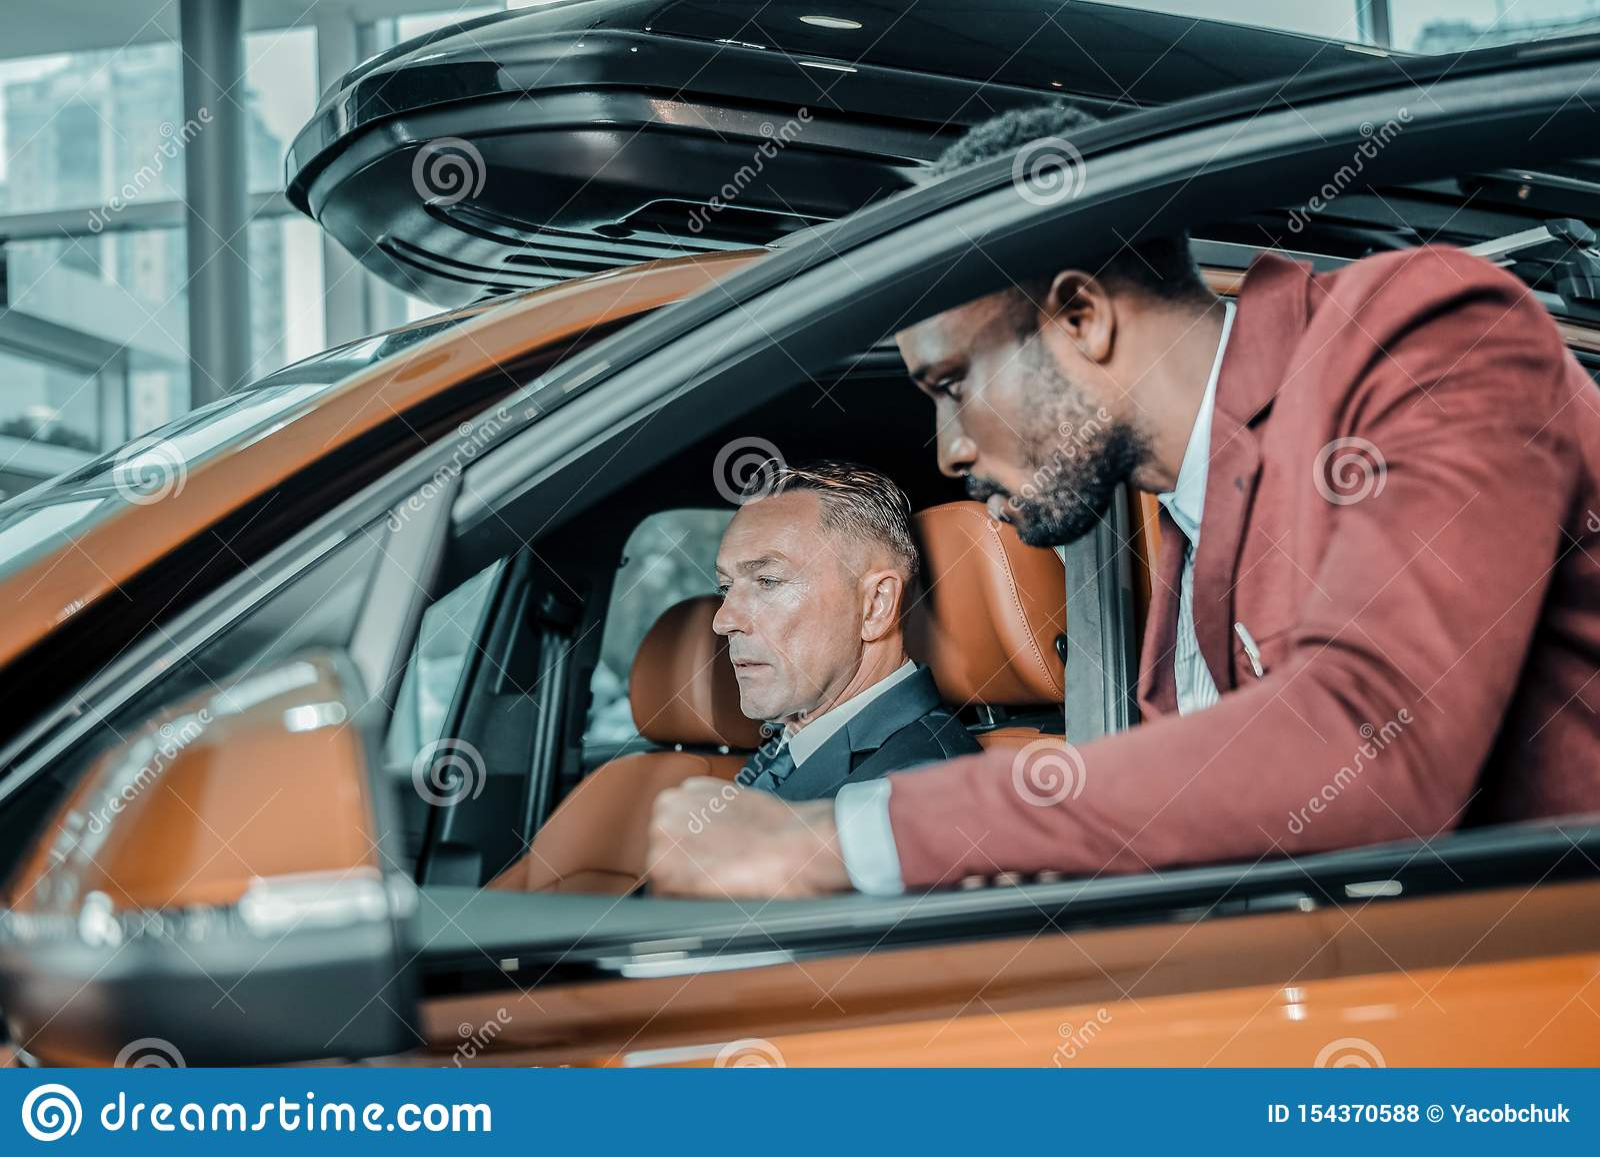 Homem sério que senta-se em um carro no salão de beleza